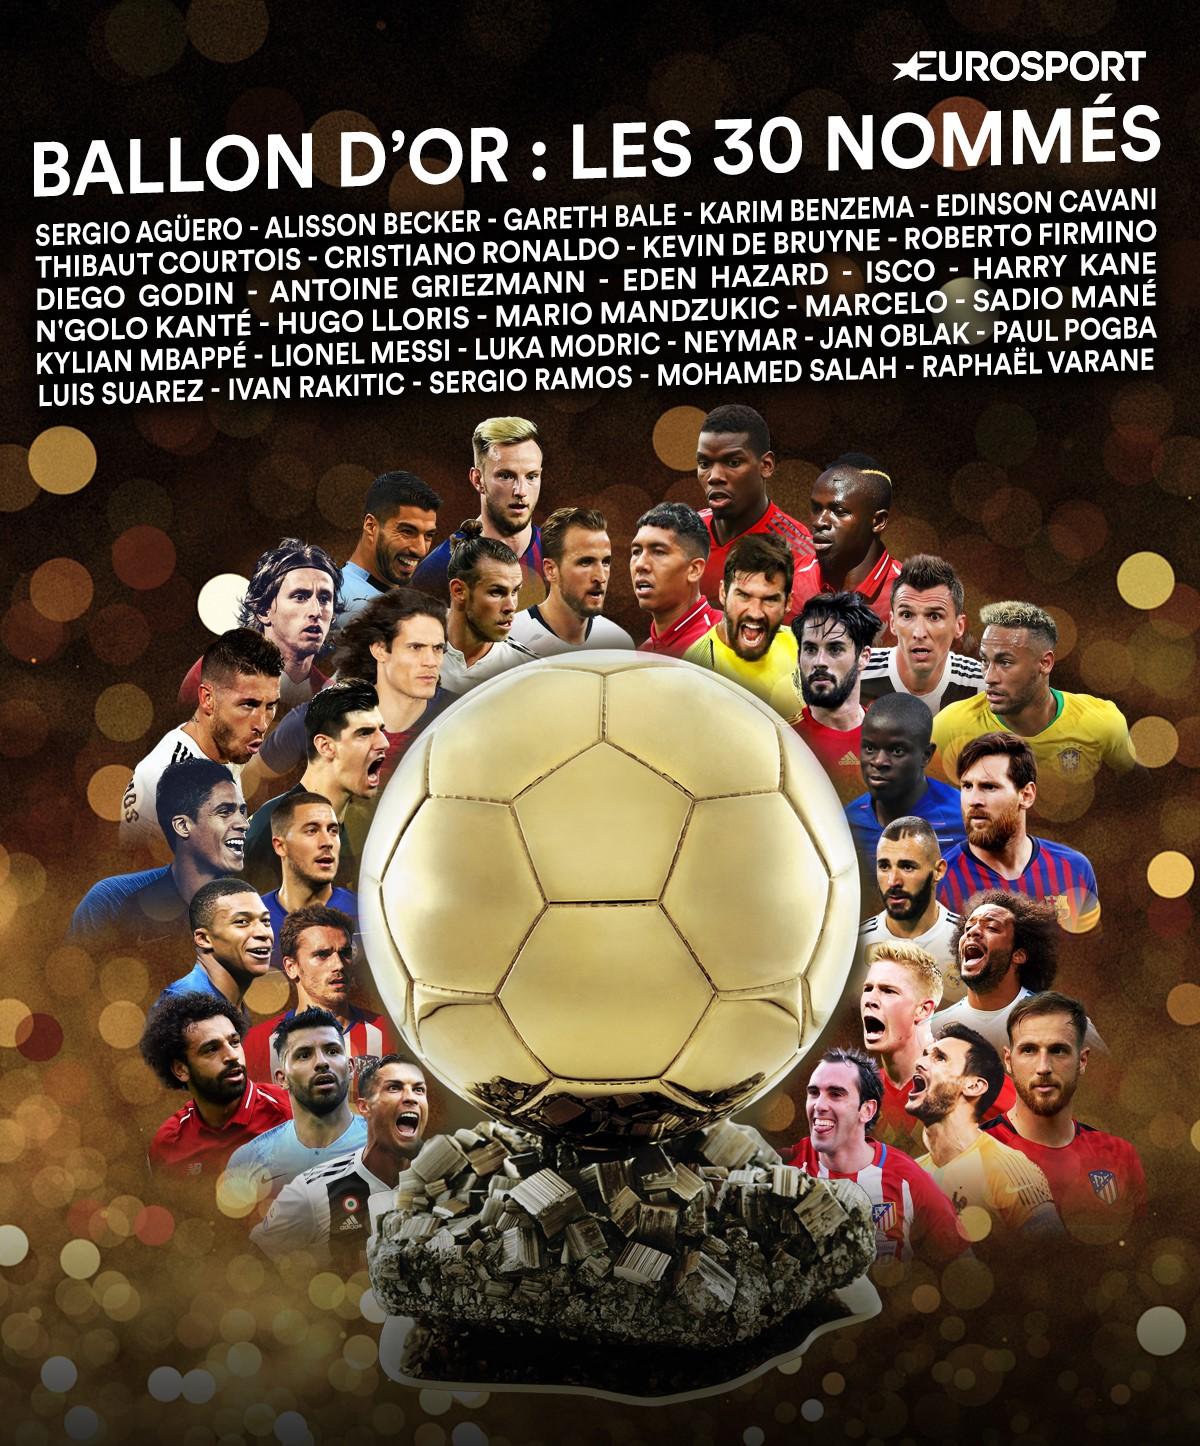 On connaît les 30 nommés pour le Ballon d'Or 2018.